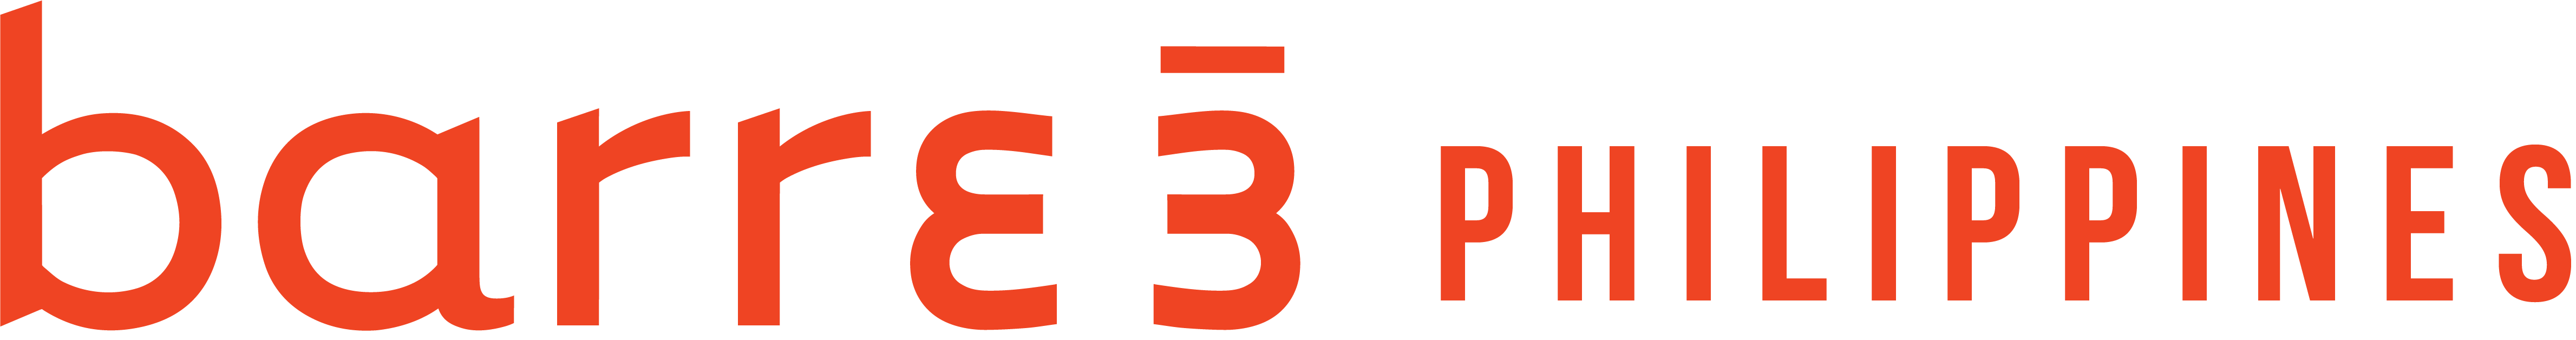 barre3-site-inner-logo